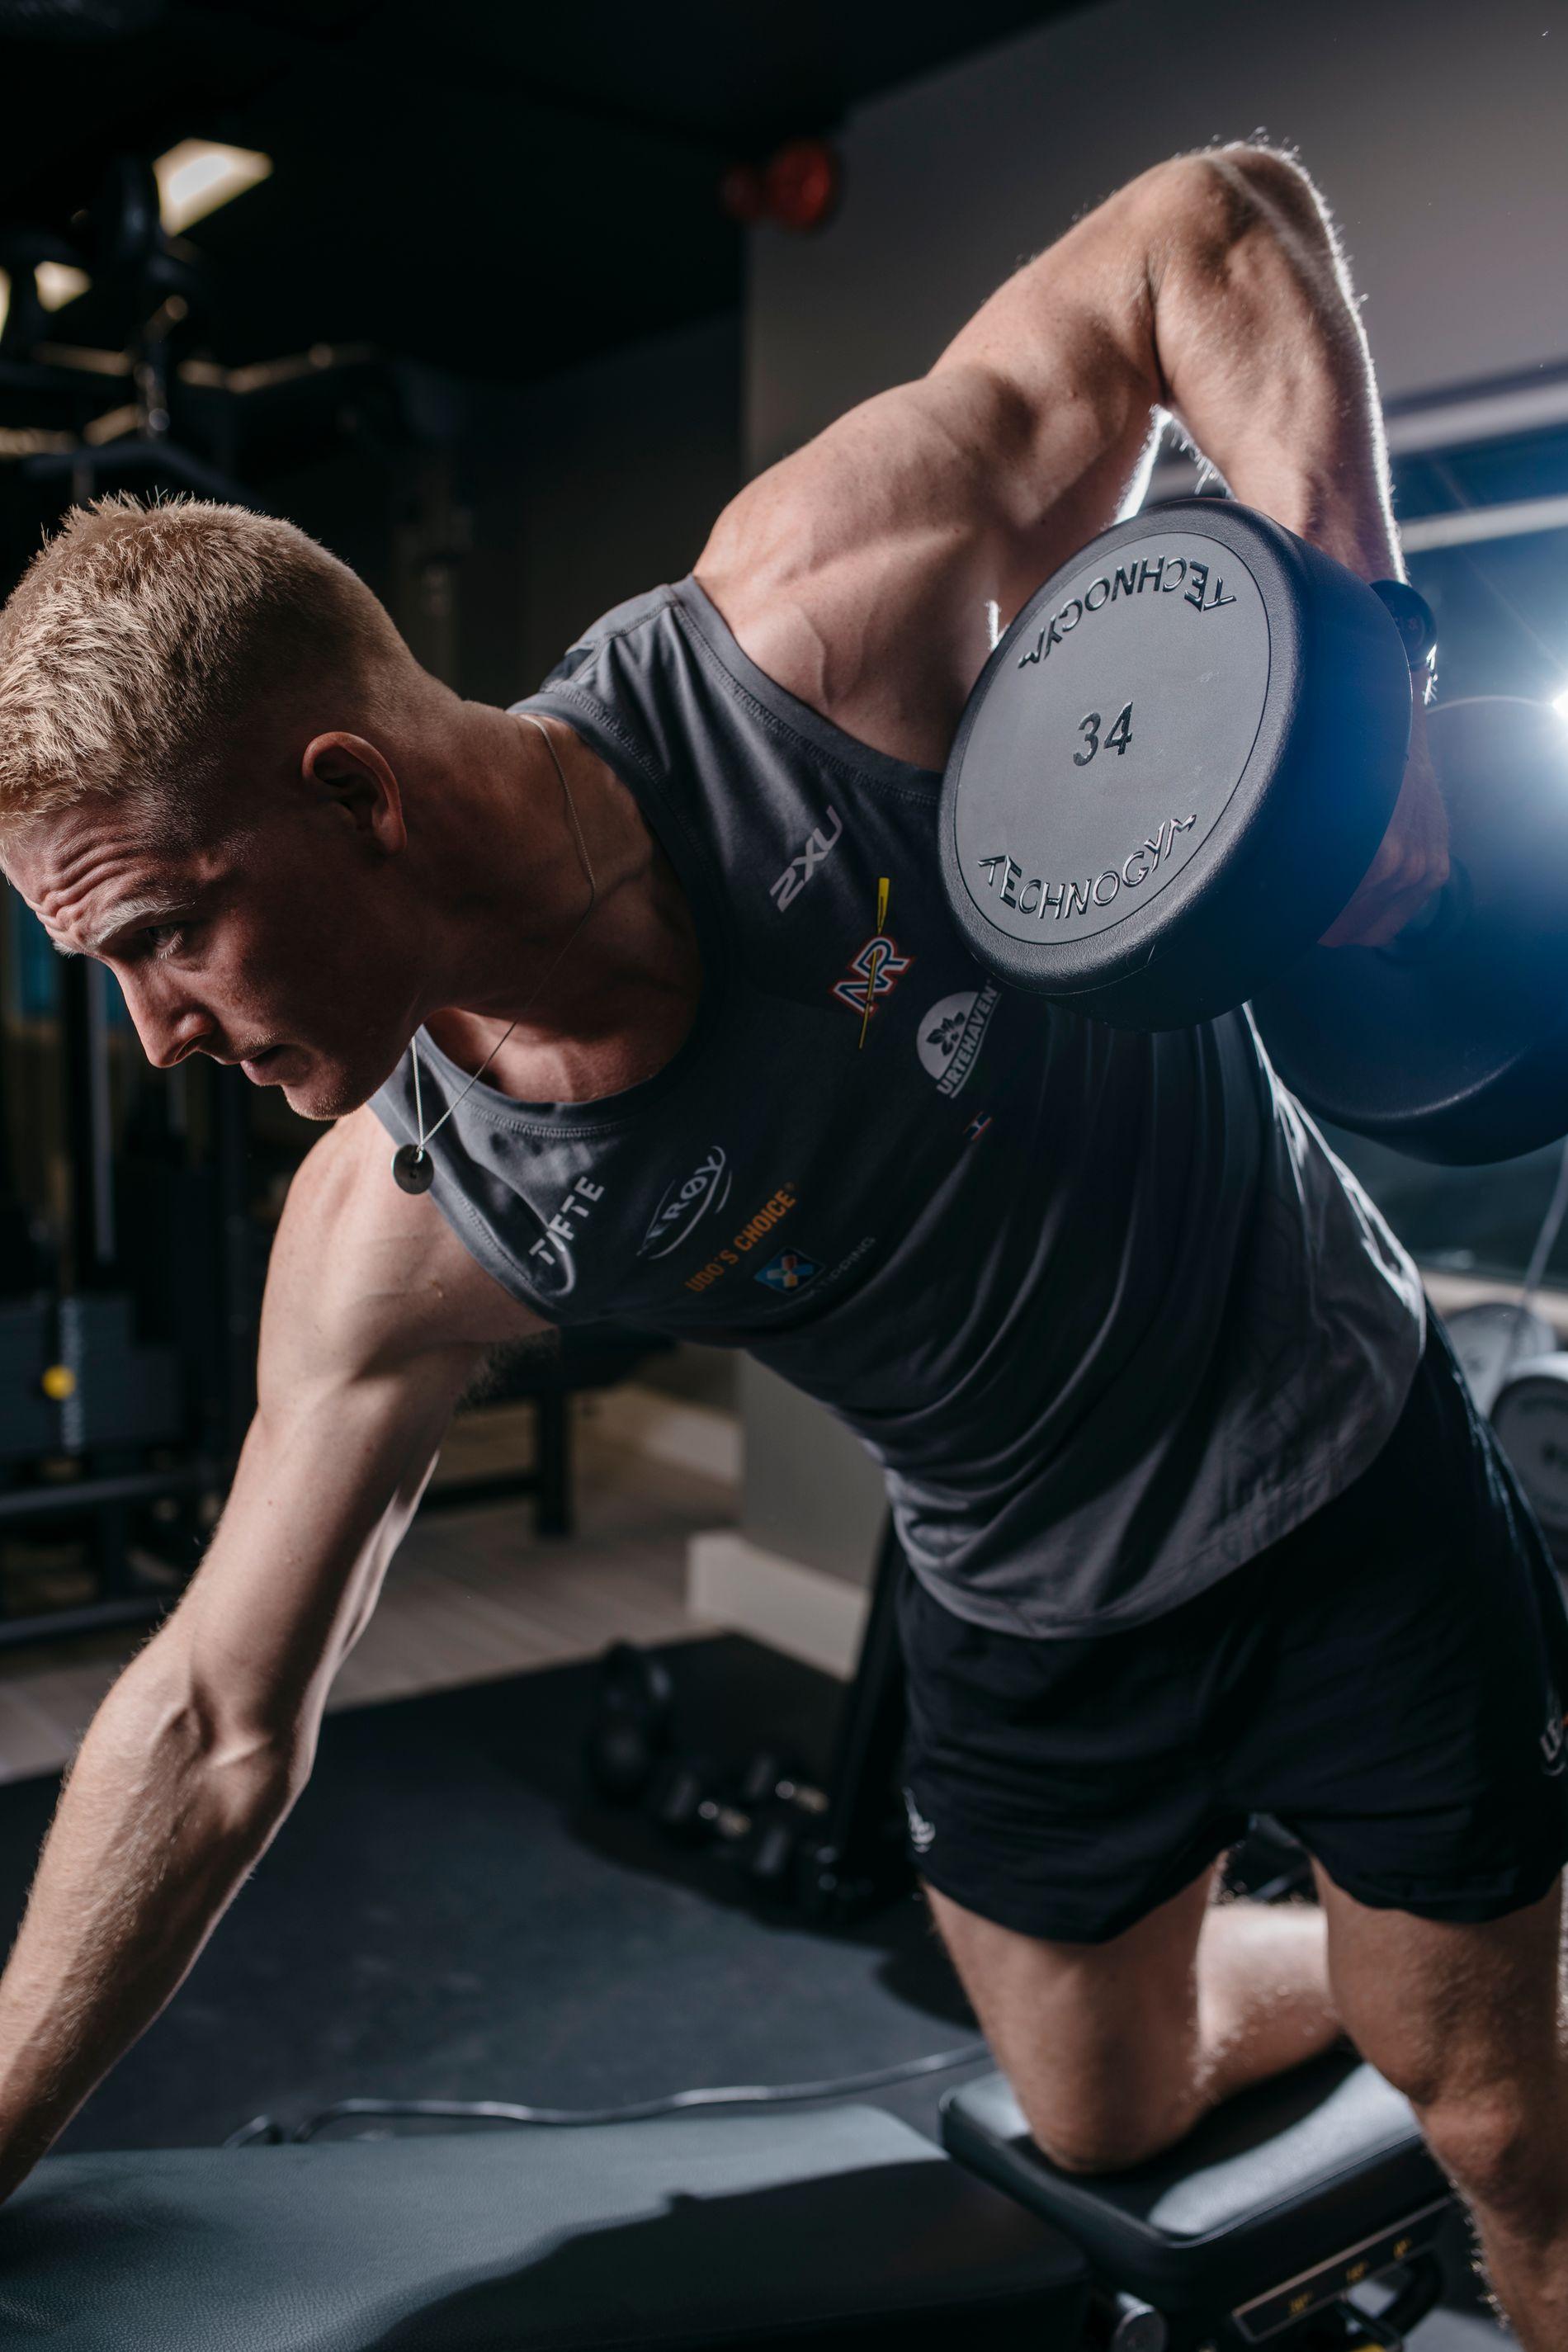 Styrketrening er svært viktig for å holde seg skadefri og få opp et visst muskelvolum.